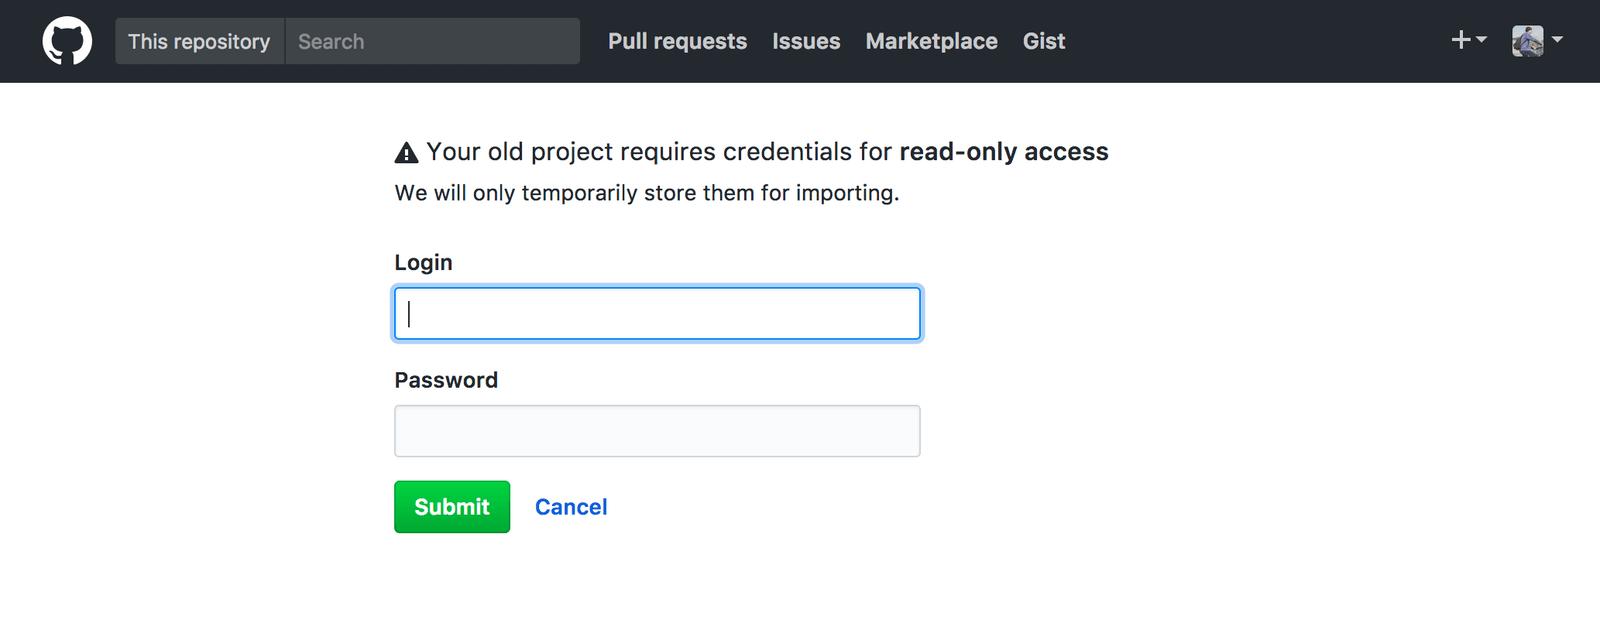 プライベートリポジトリのインポートにはBitbucketのログイン情報が必要